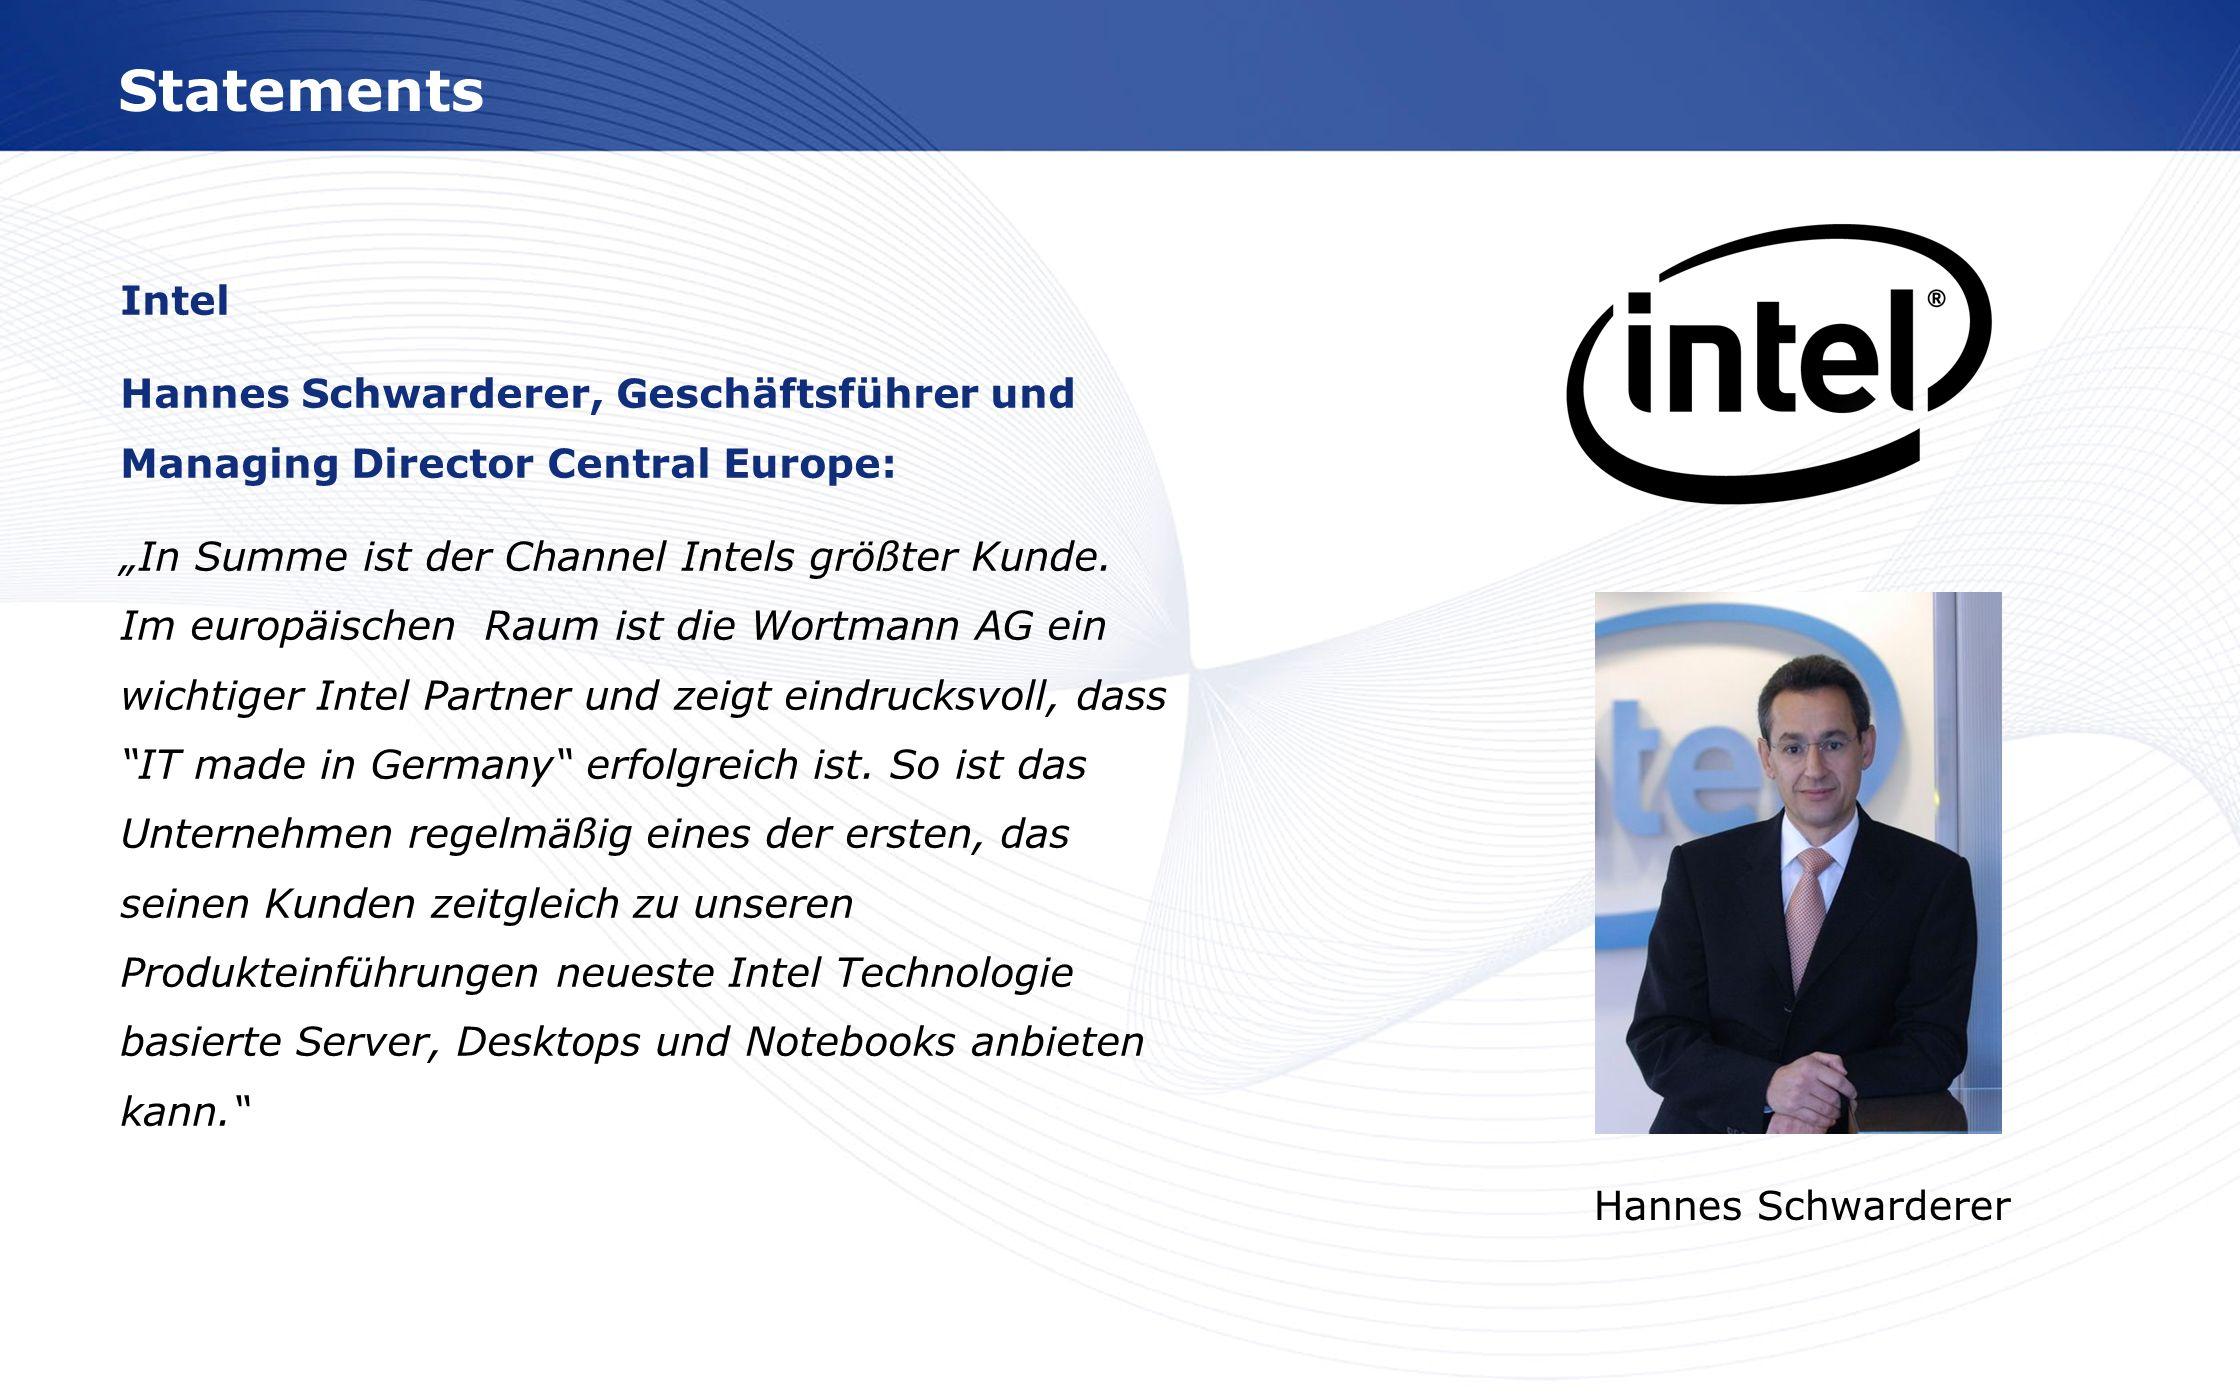 StatementsIntel. Hannes Schwarderer, Geschäftsführer und Managing Director Central Europe: